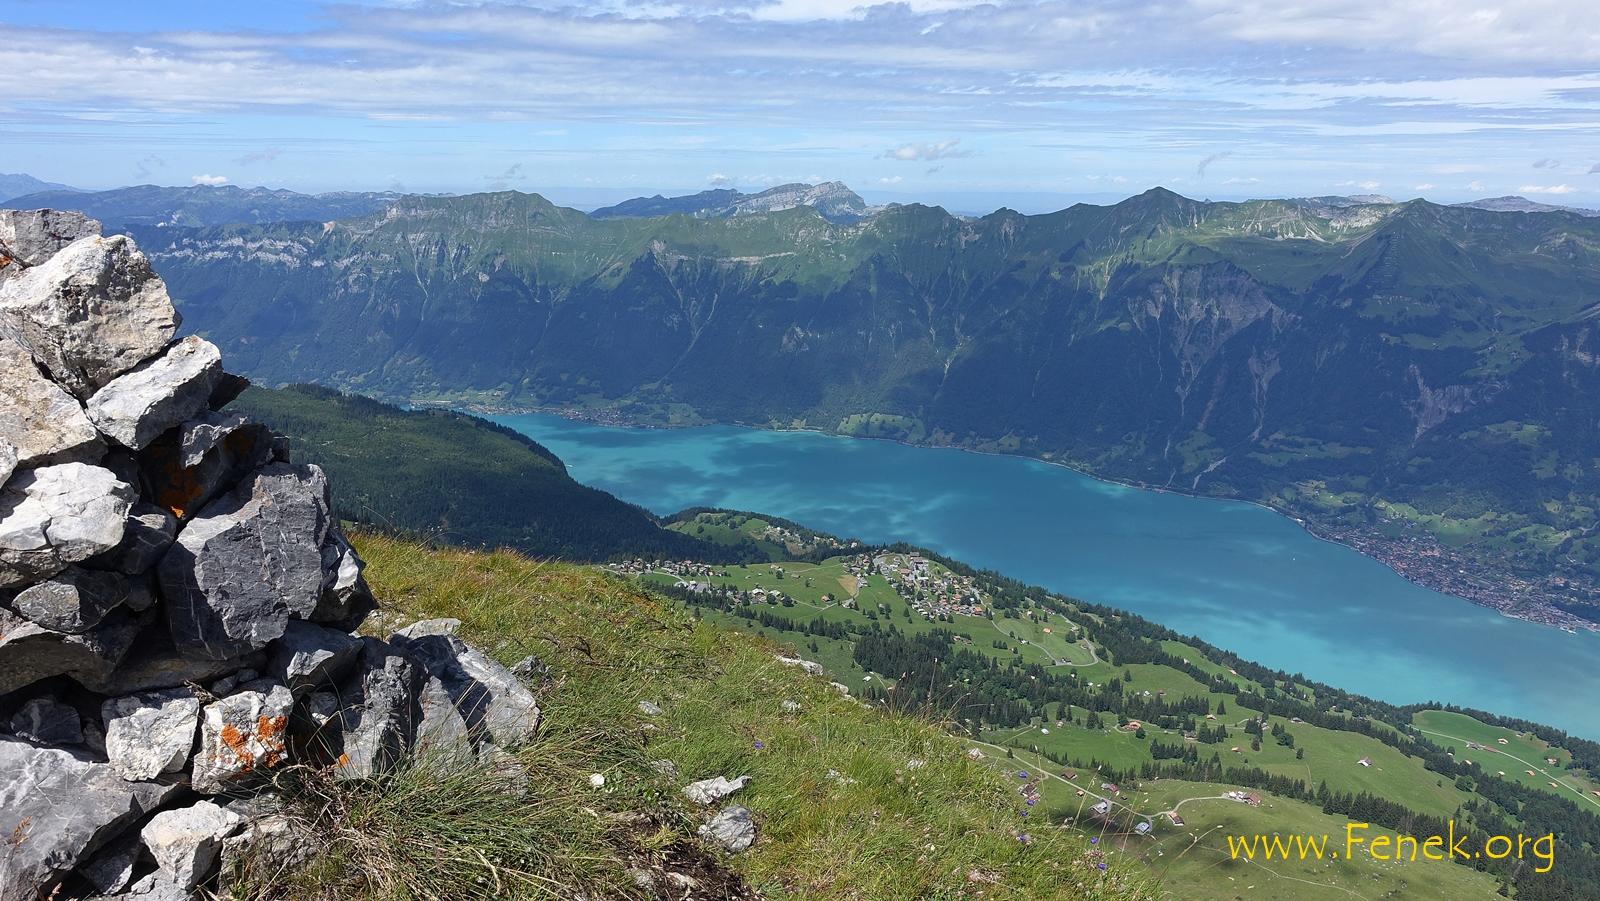 Gipfelblick Richtung Interlaken